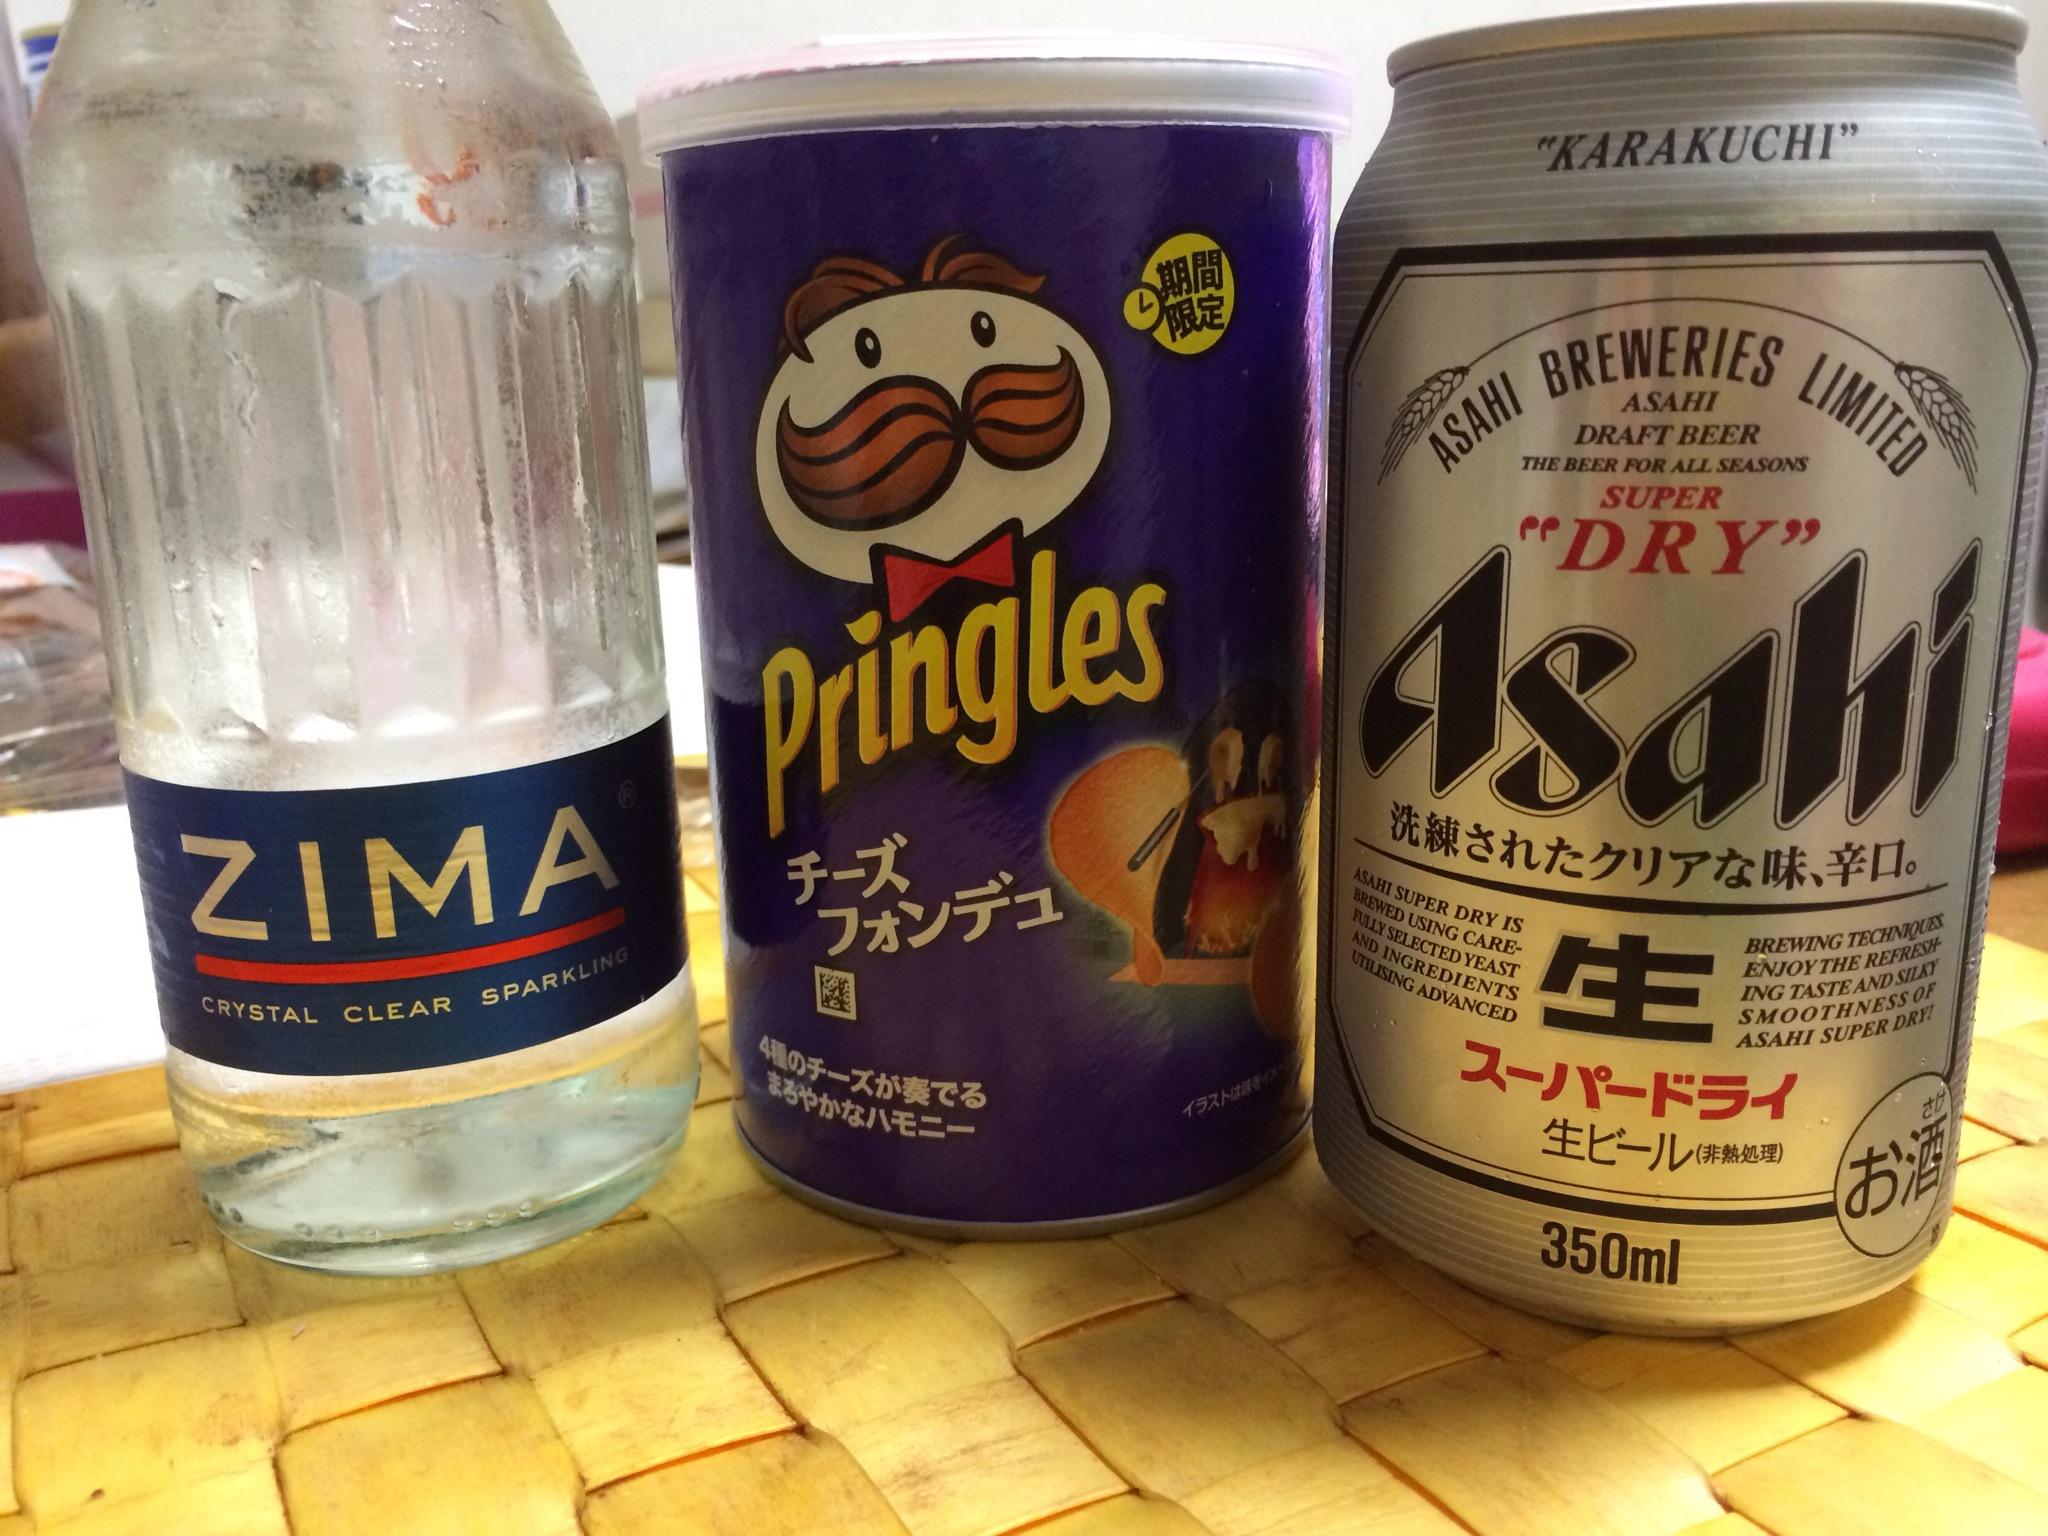 今日はこれを飲んで寝ます!!!!ヽ(^o^)丿笑